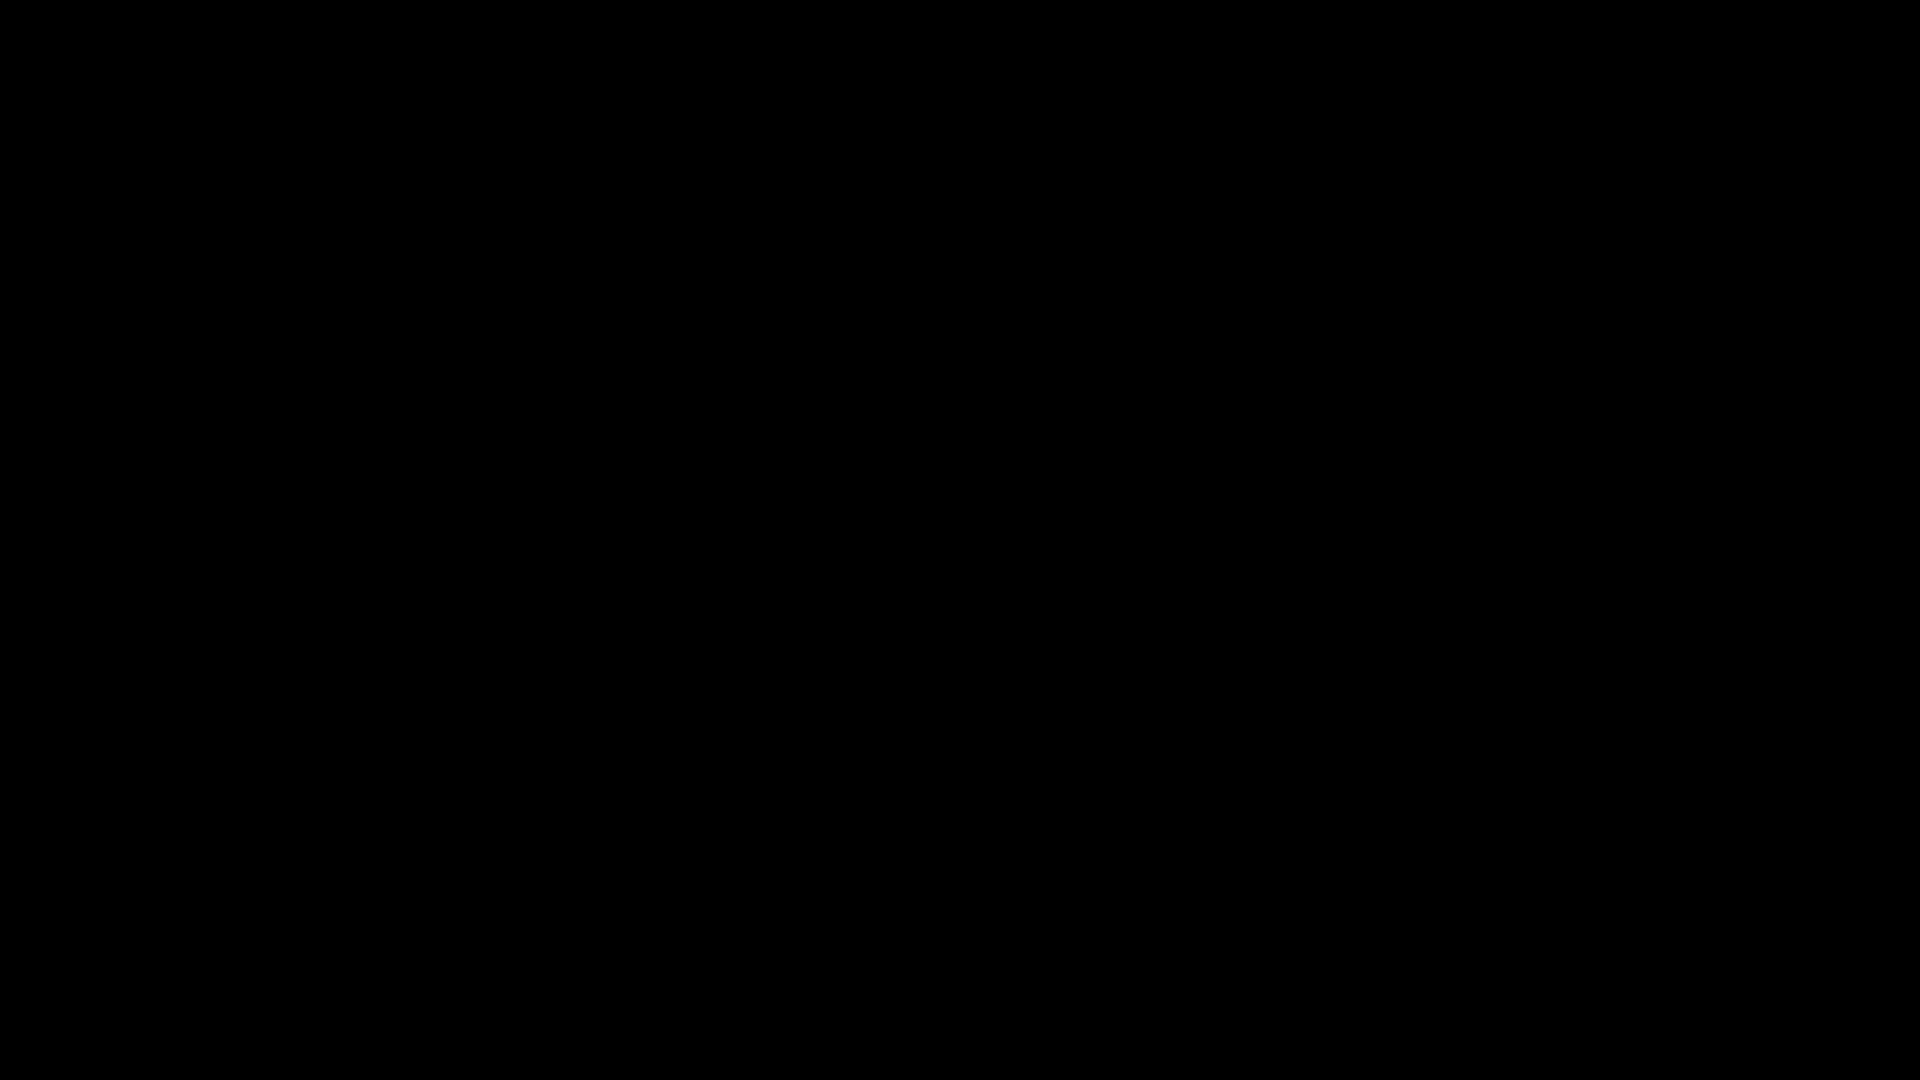 Giá rẻ Tròn Màu Xanh Lá Cây 6 mét 8 mét Czech Ép Hạt Thủy Tinh